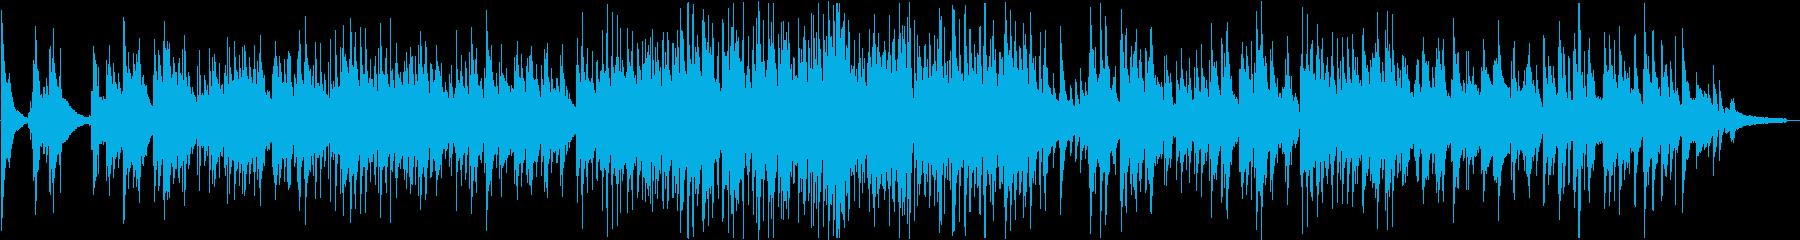 名曲『ゴンドラの唄』のジャズ・アレンジの再生済みの波形